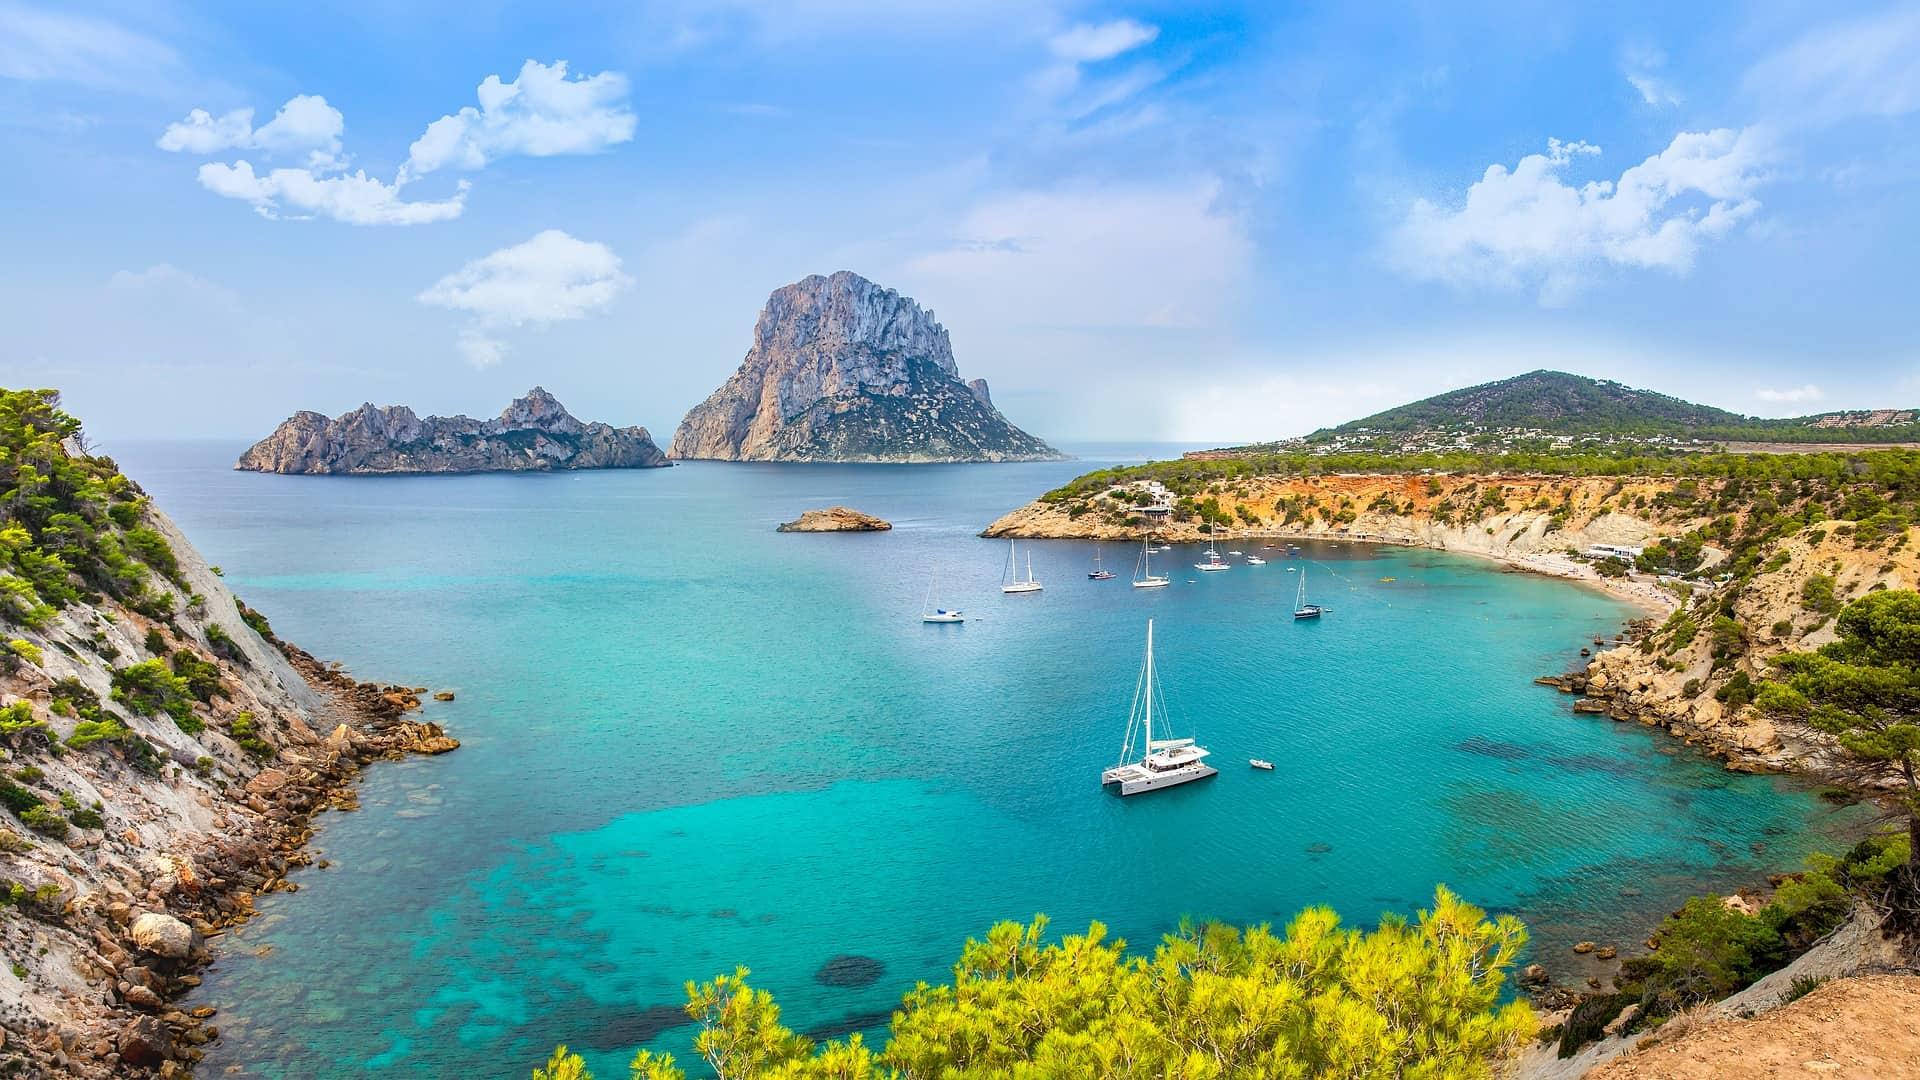 Beliebteste Strände auf Ibiza - WoW's Strand Ranking